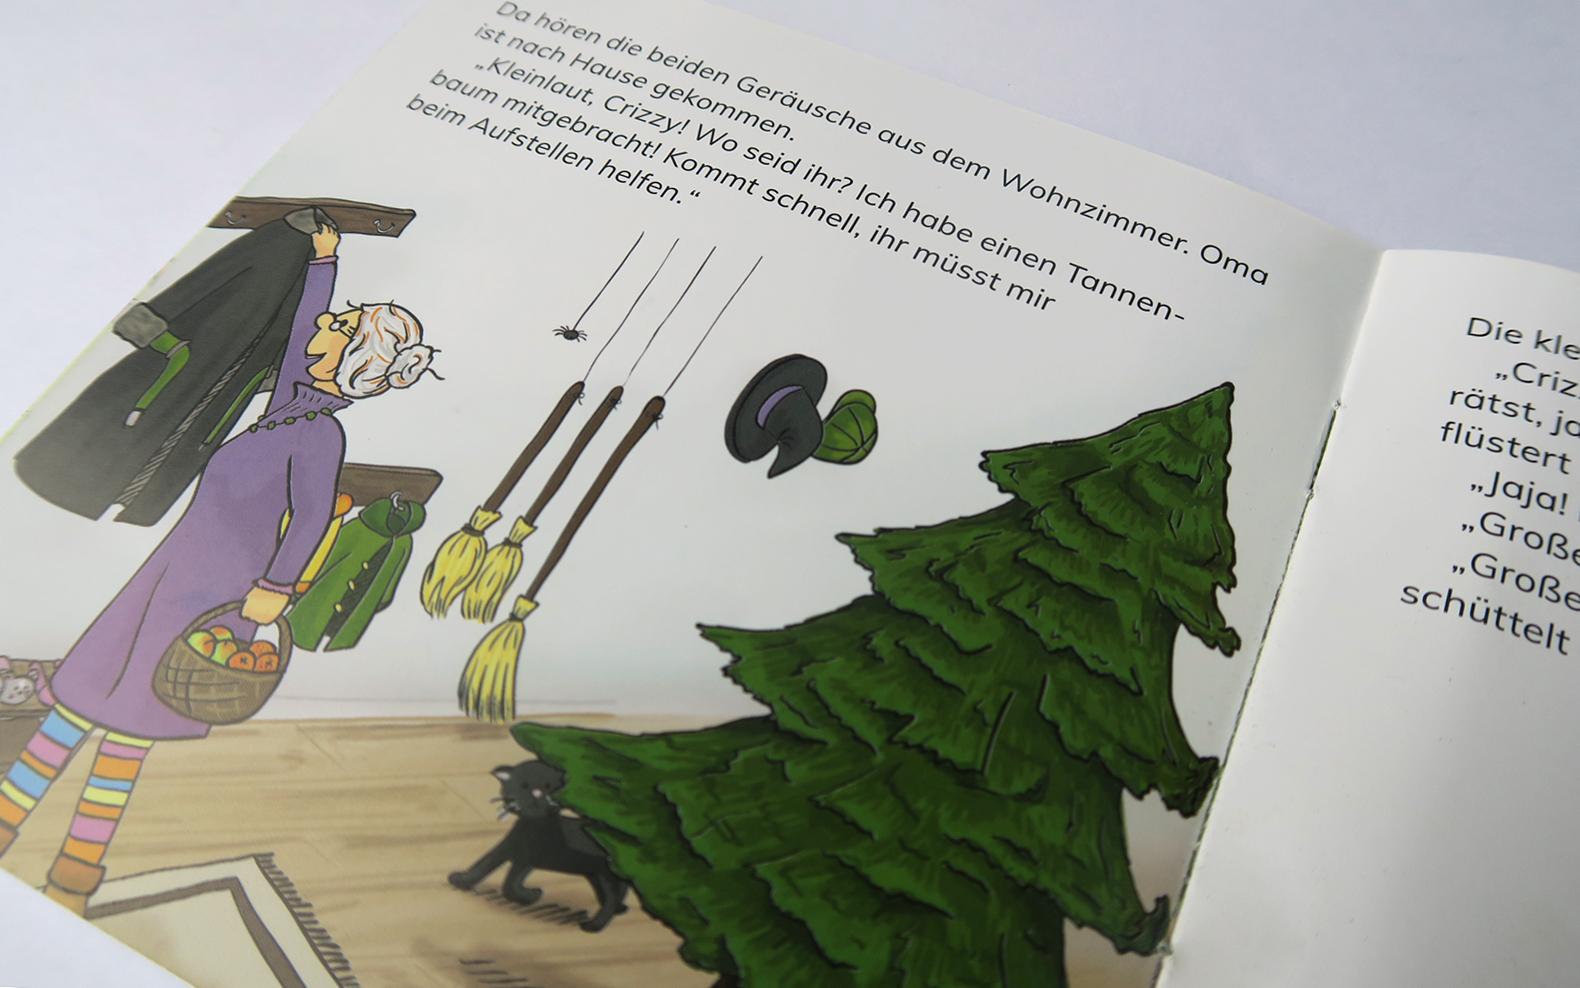 Hexe Kleinlaut Weihnachtsbuch mit Oma